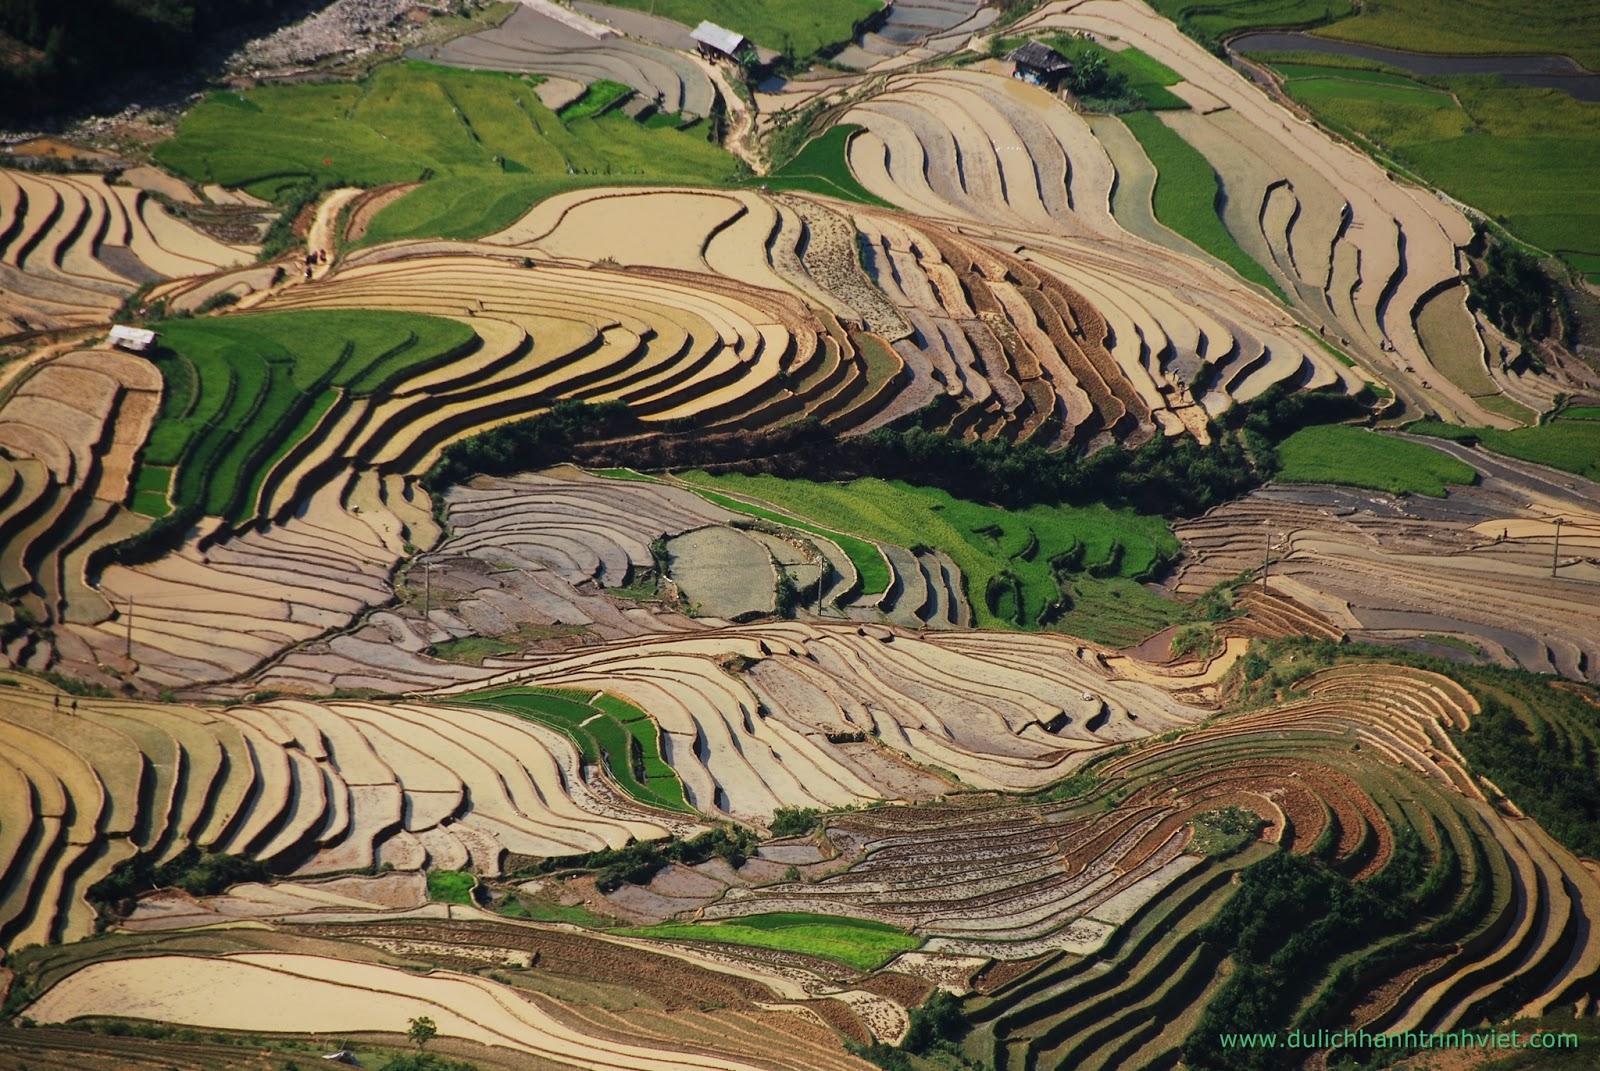 Quyến rũ Ruộng Bậc Thang - Photo Phương Bùi